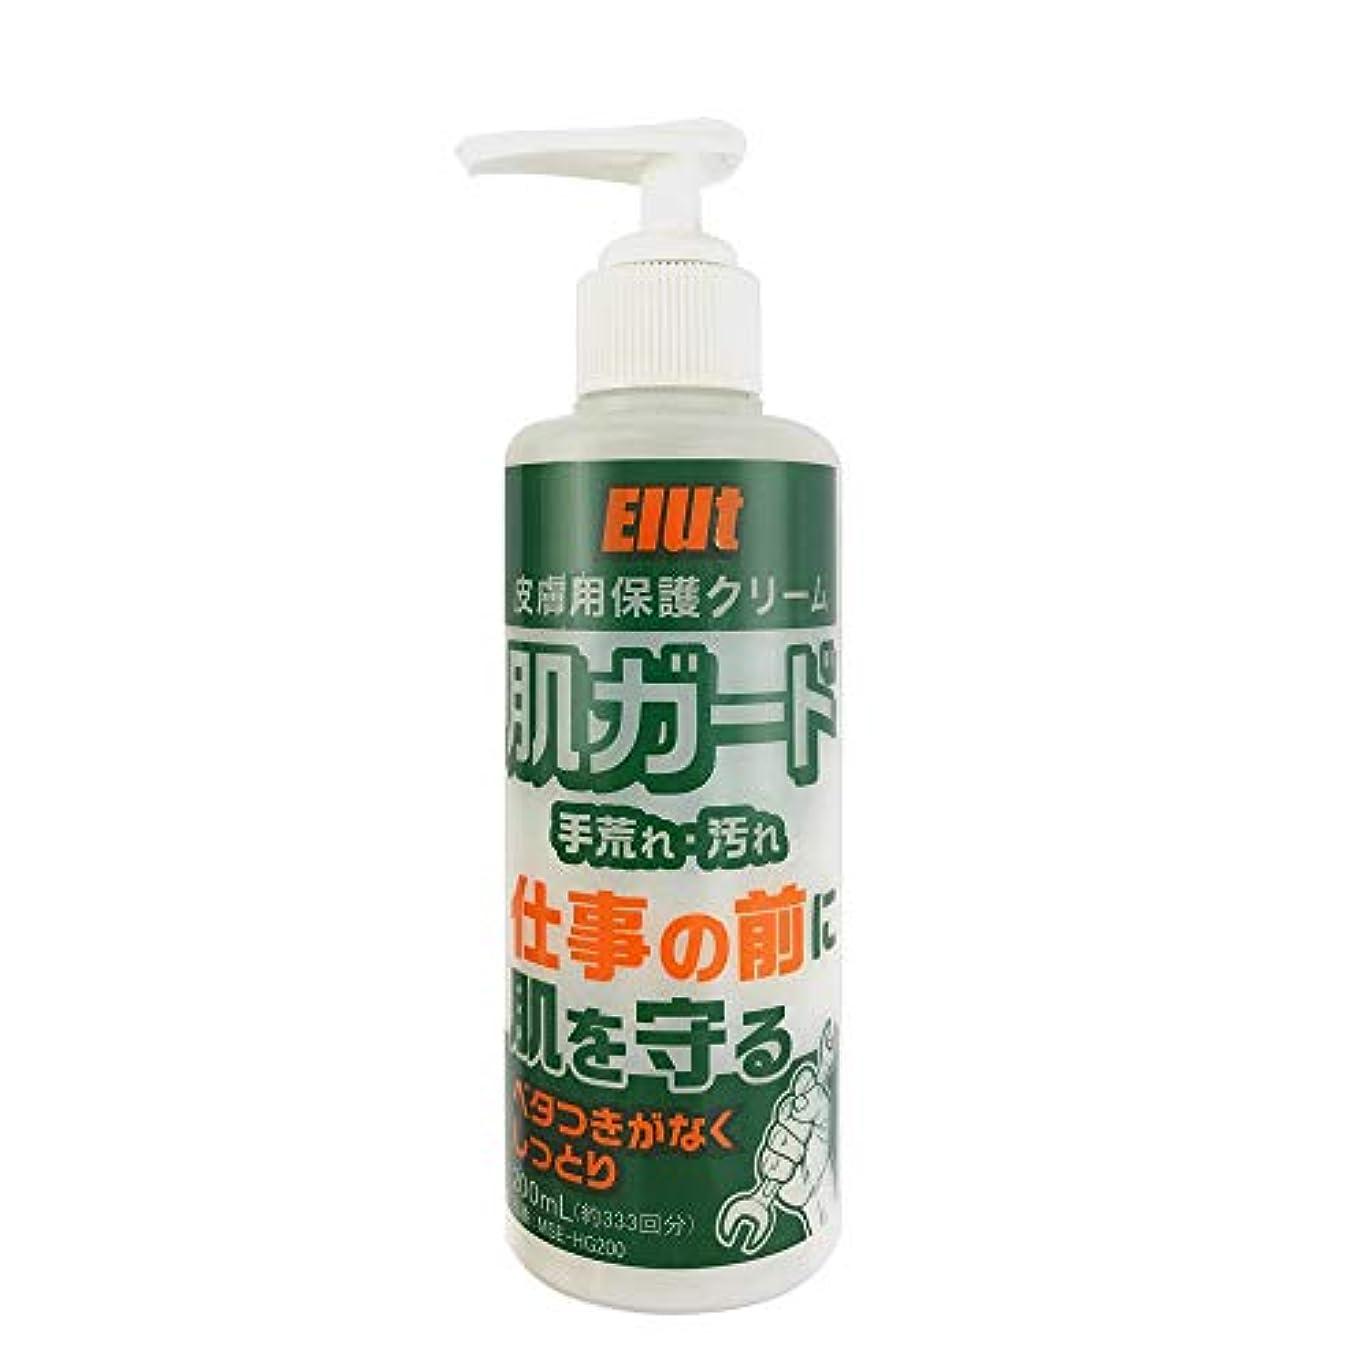 中止します故意の宮殿皮膚要保護クリーム 肌ガード 200ml Elut エルト/手の汚れ落とし、手の臭い落とし、手荒れ予防に効果的面! 臭いなし、ベタつきなしでとても使いやすいです。